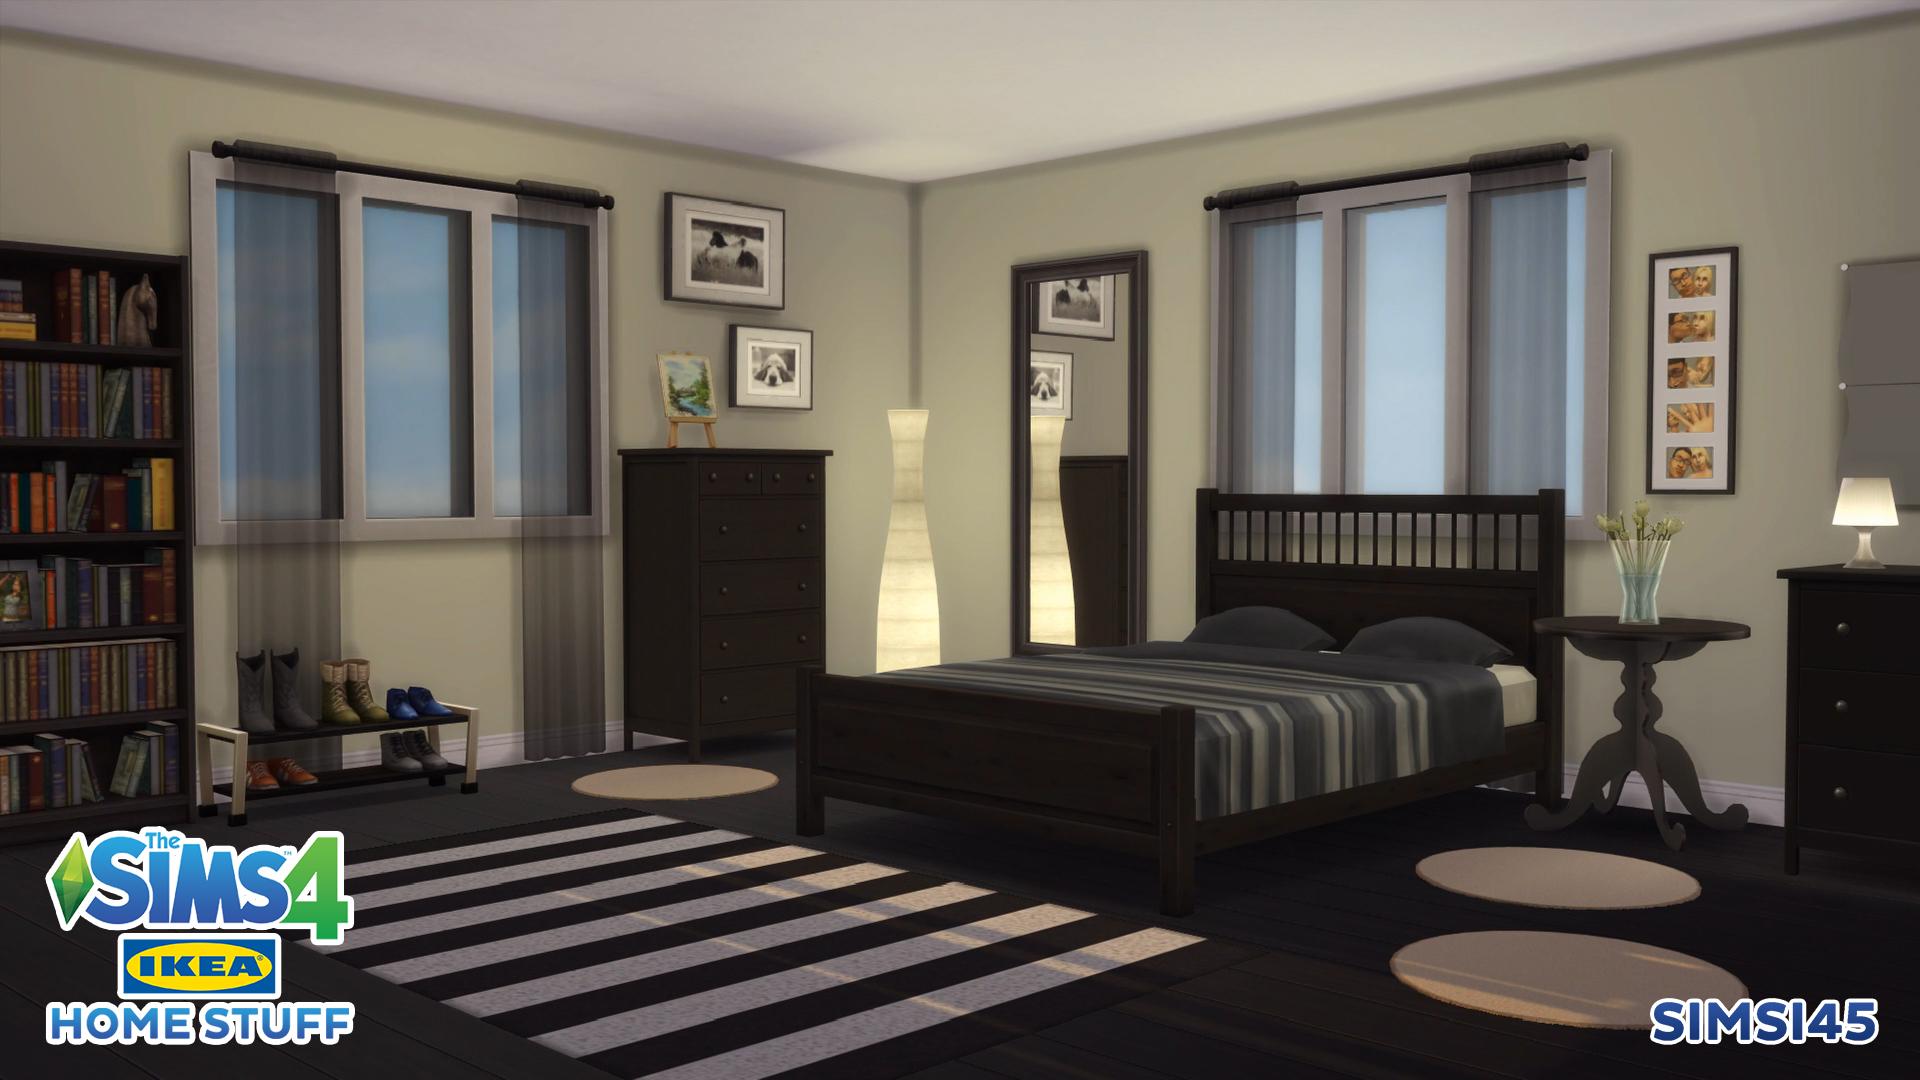 Мод The Sims 4 IKEA